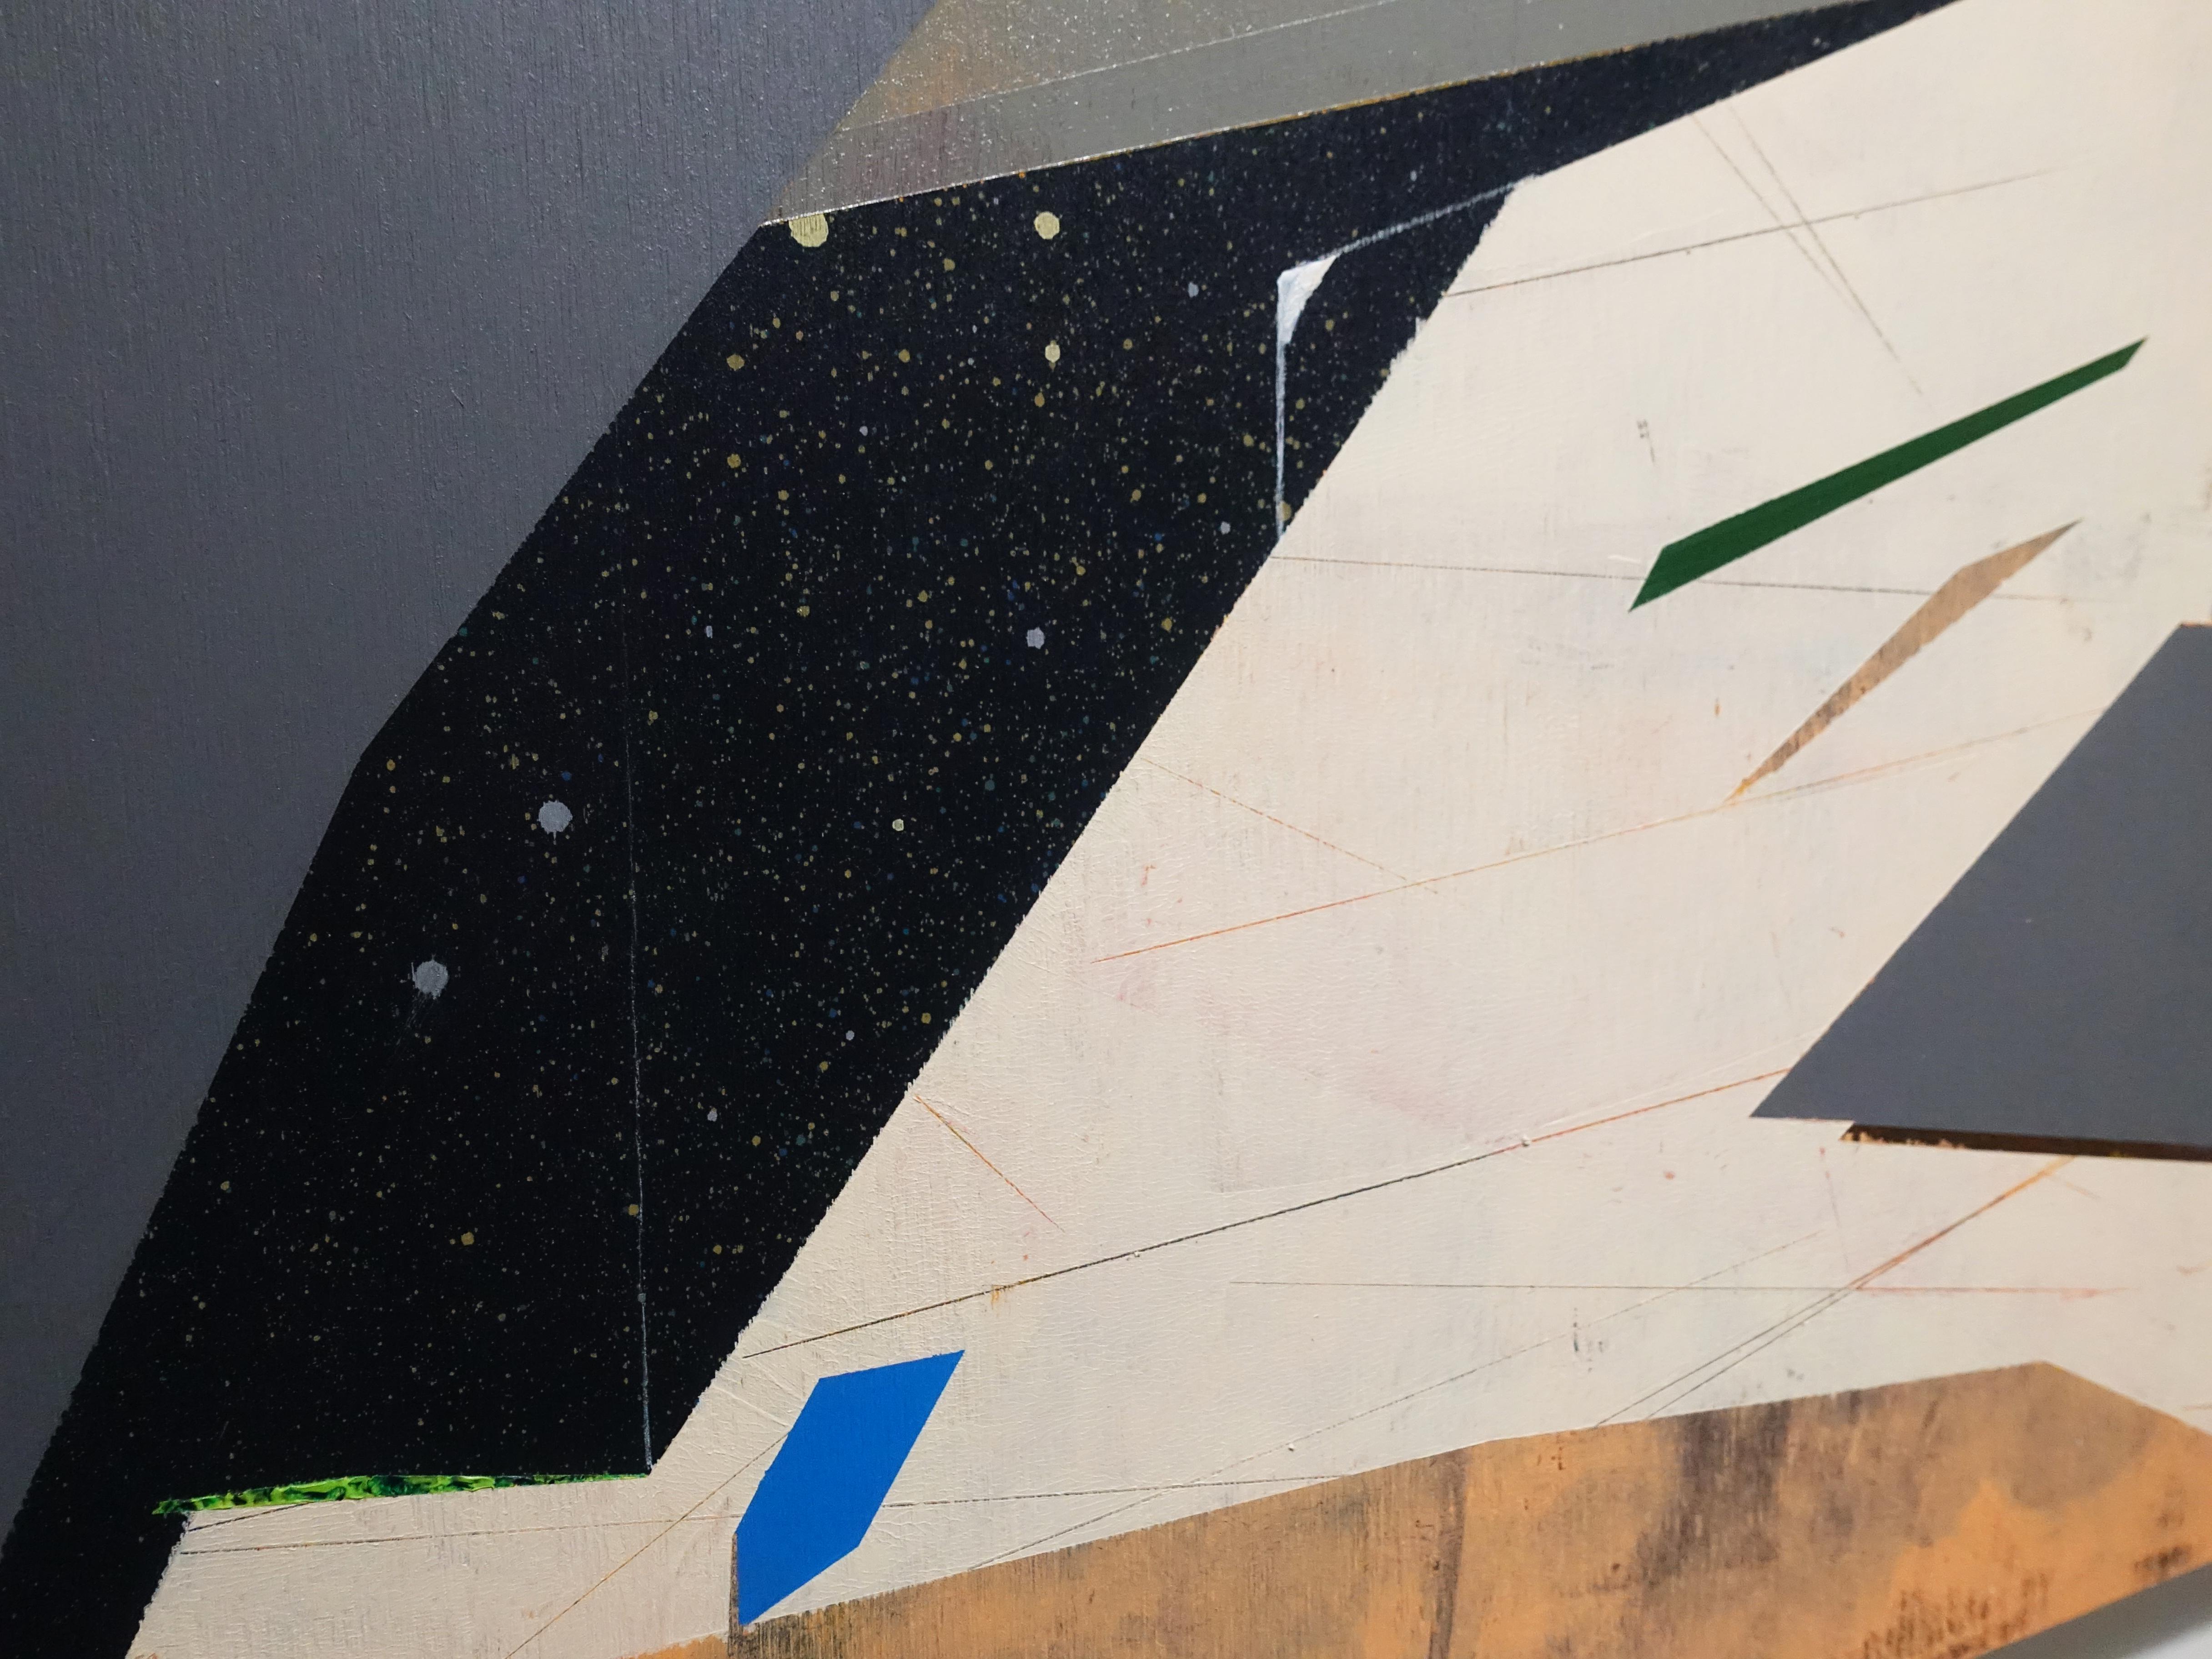 張獻文,《層敘・砌3》細節,60x60x5 cm,木板、丙烯酸顏料、炭精筆、鉛筆,2019。